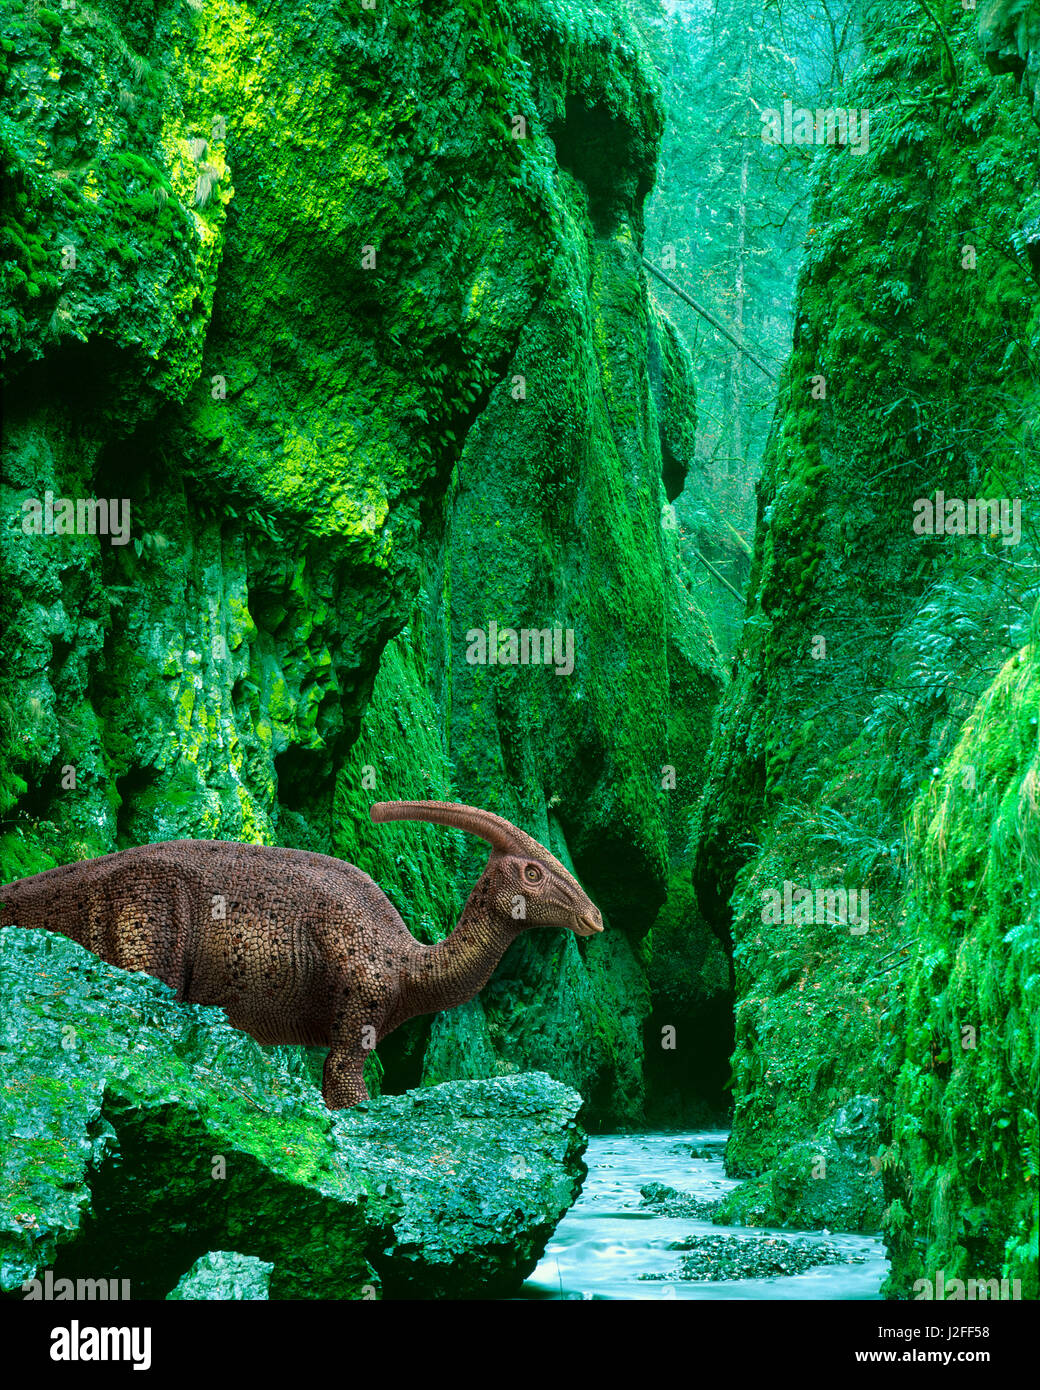 Concetto di dinosauro Parasaurolophus nel canyon preistorico. Credito come: Jim Zuckerman Jaynes / Galleria / DanitaDelimont.com Immagini Stock